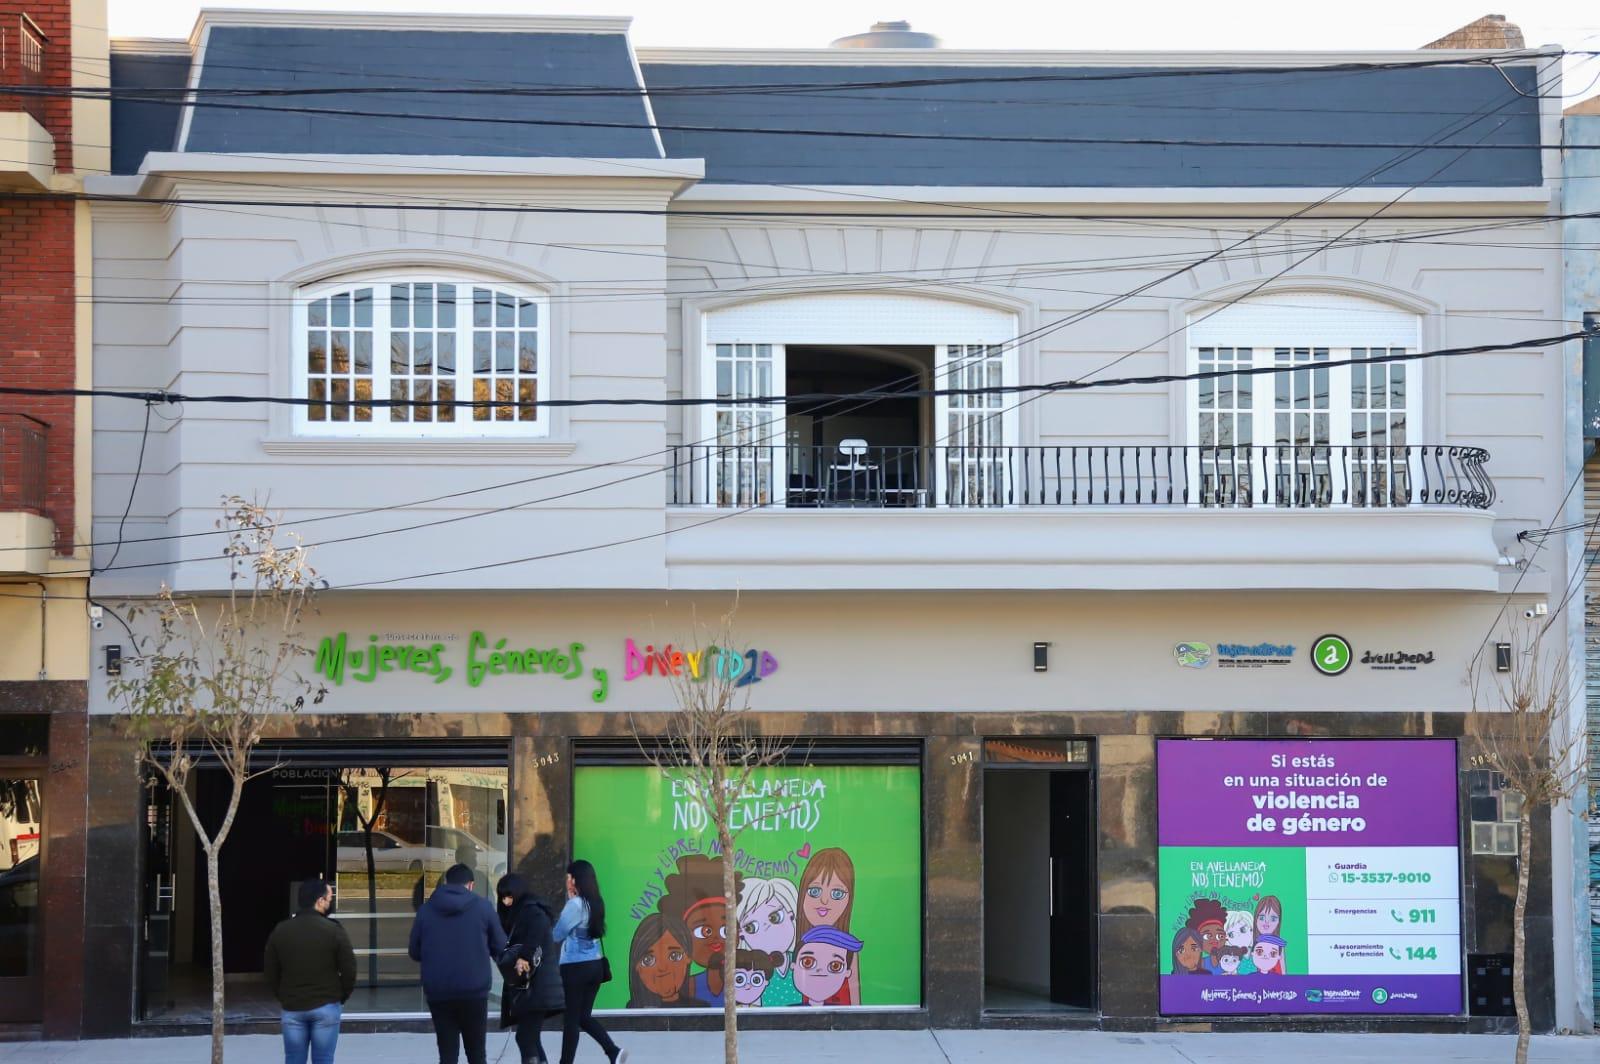 Avellaneda inauguró el nuevo edificio de su Subsecretaría de Mujeres, Género y Diversidad